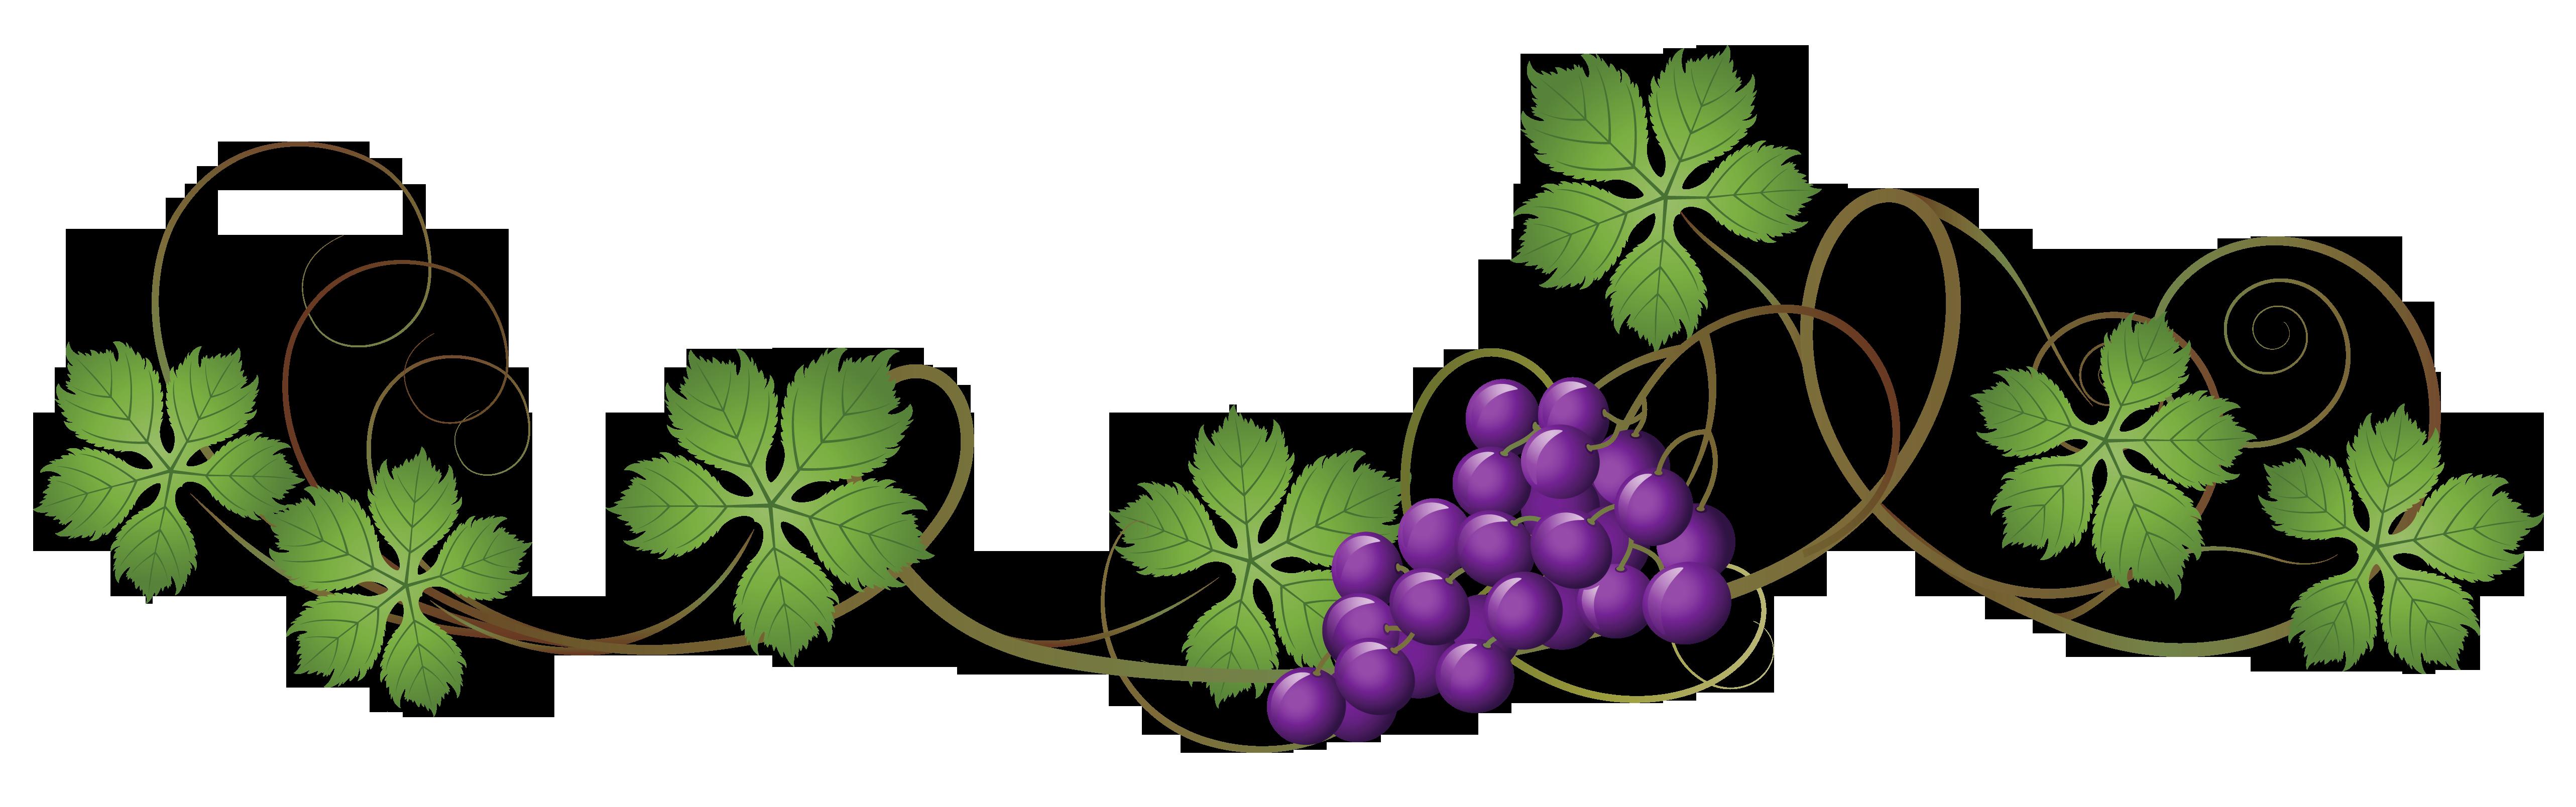 Decoration clipart vine Vine Yopriceville High Clipart PNG